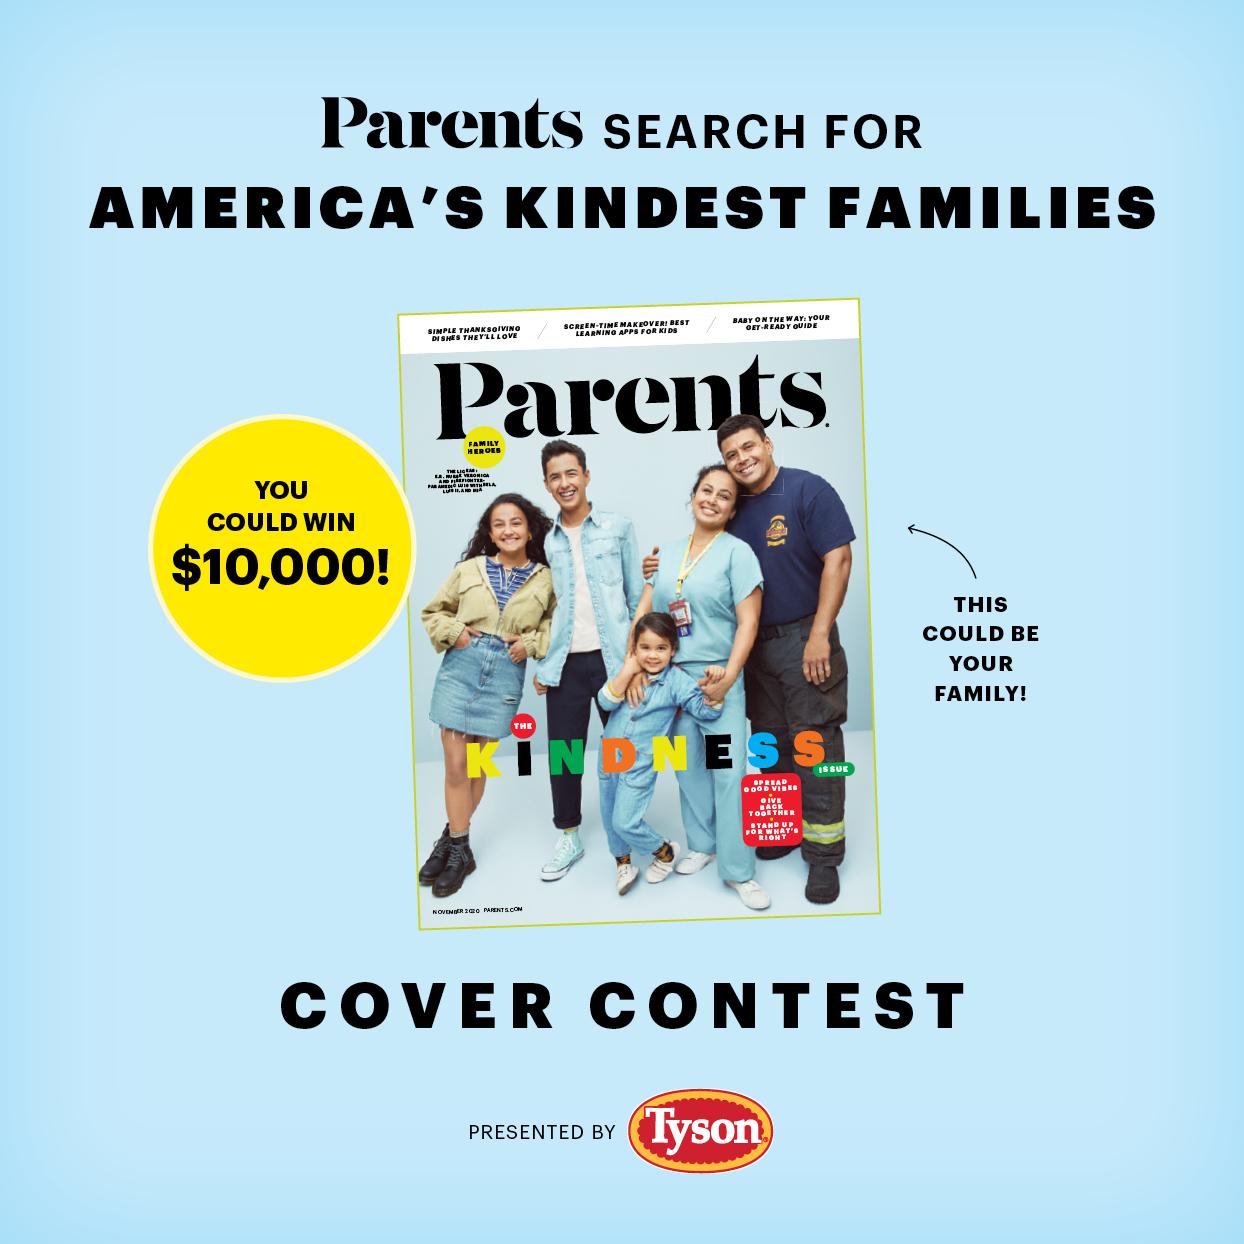 Parents America's Kindest Contest